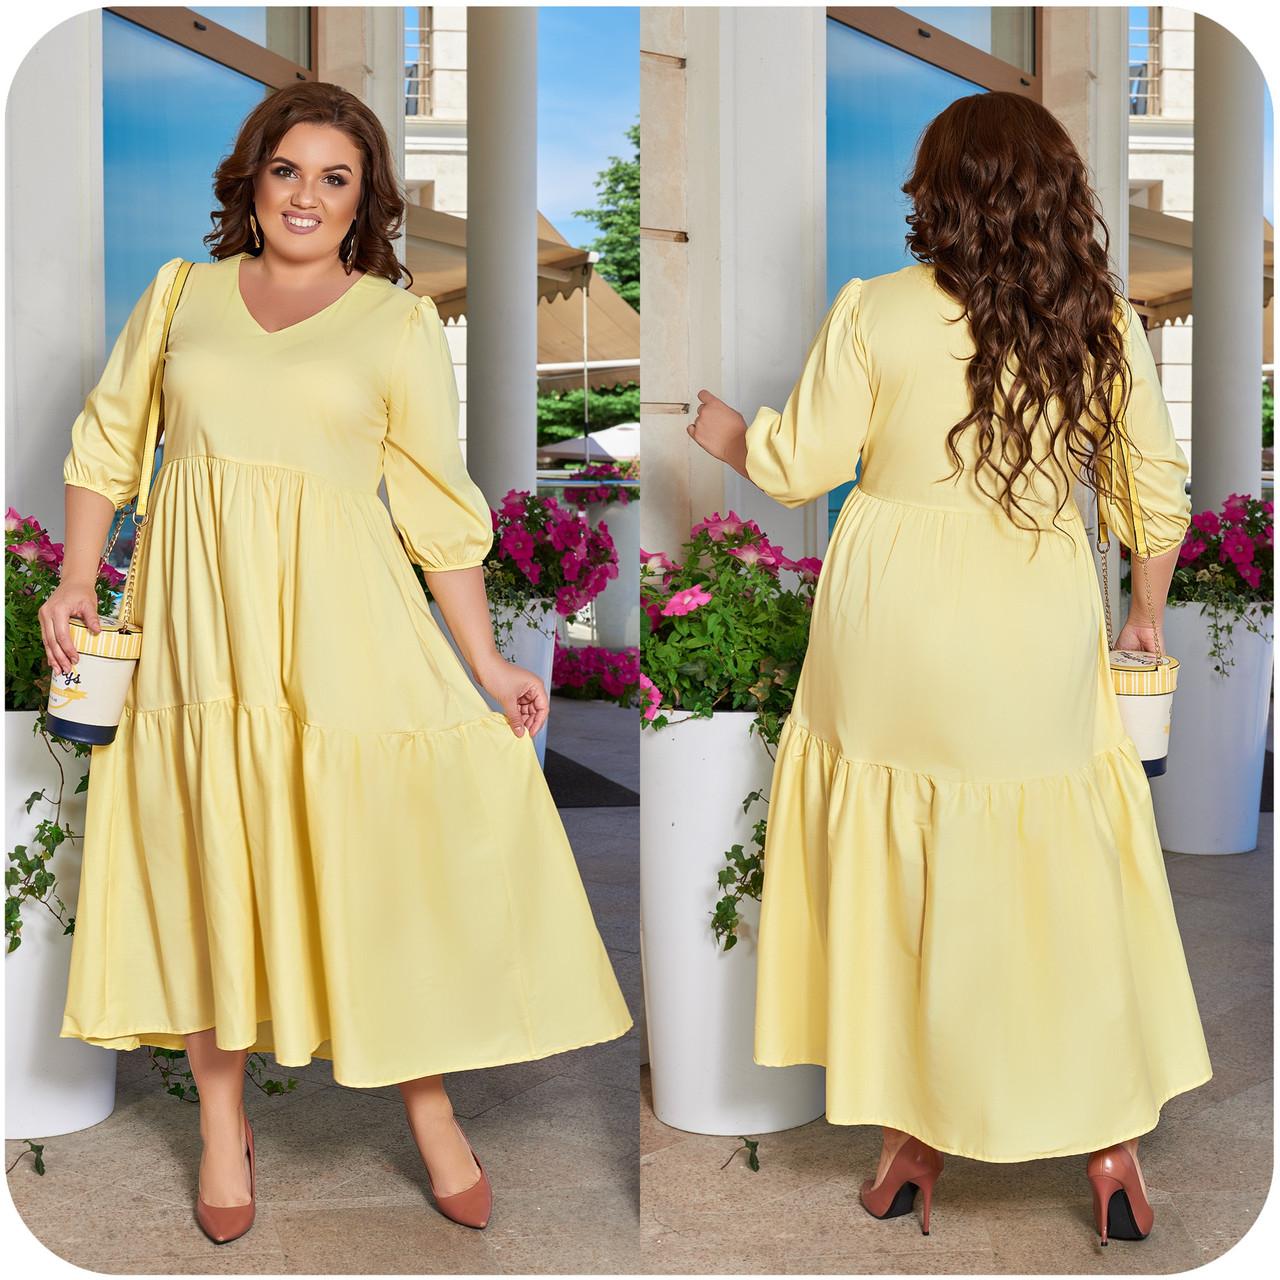 Лёгкое воздушное платье в романтичном стиле из натурального коттона желтое